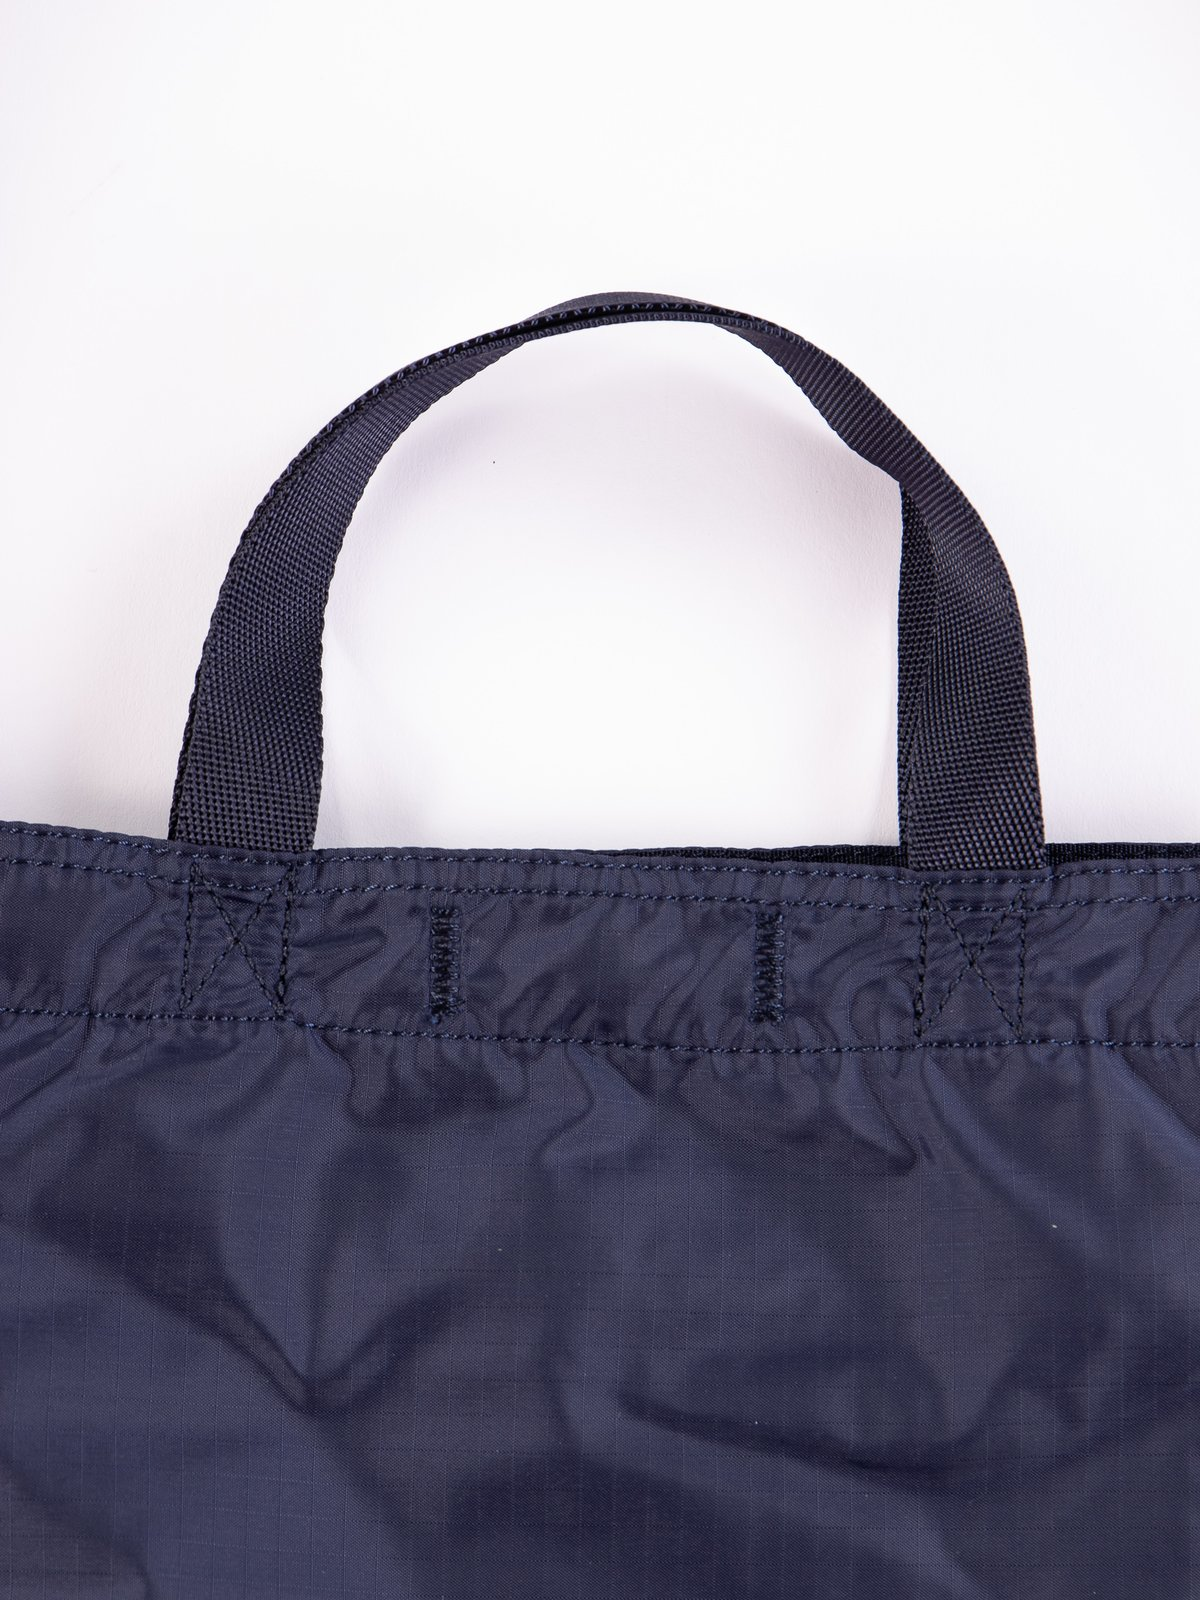 Navy Flex 2Way Shoulder Bag - Image 3